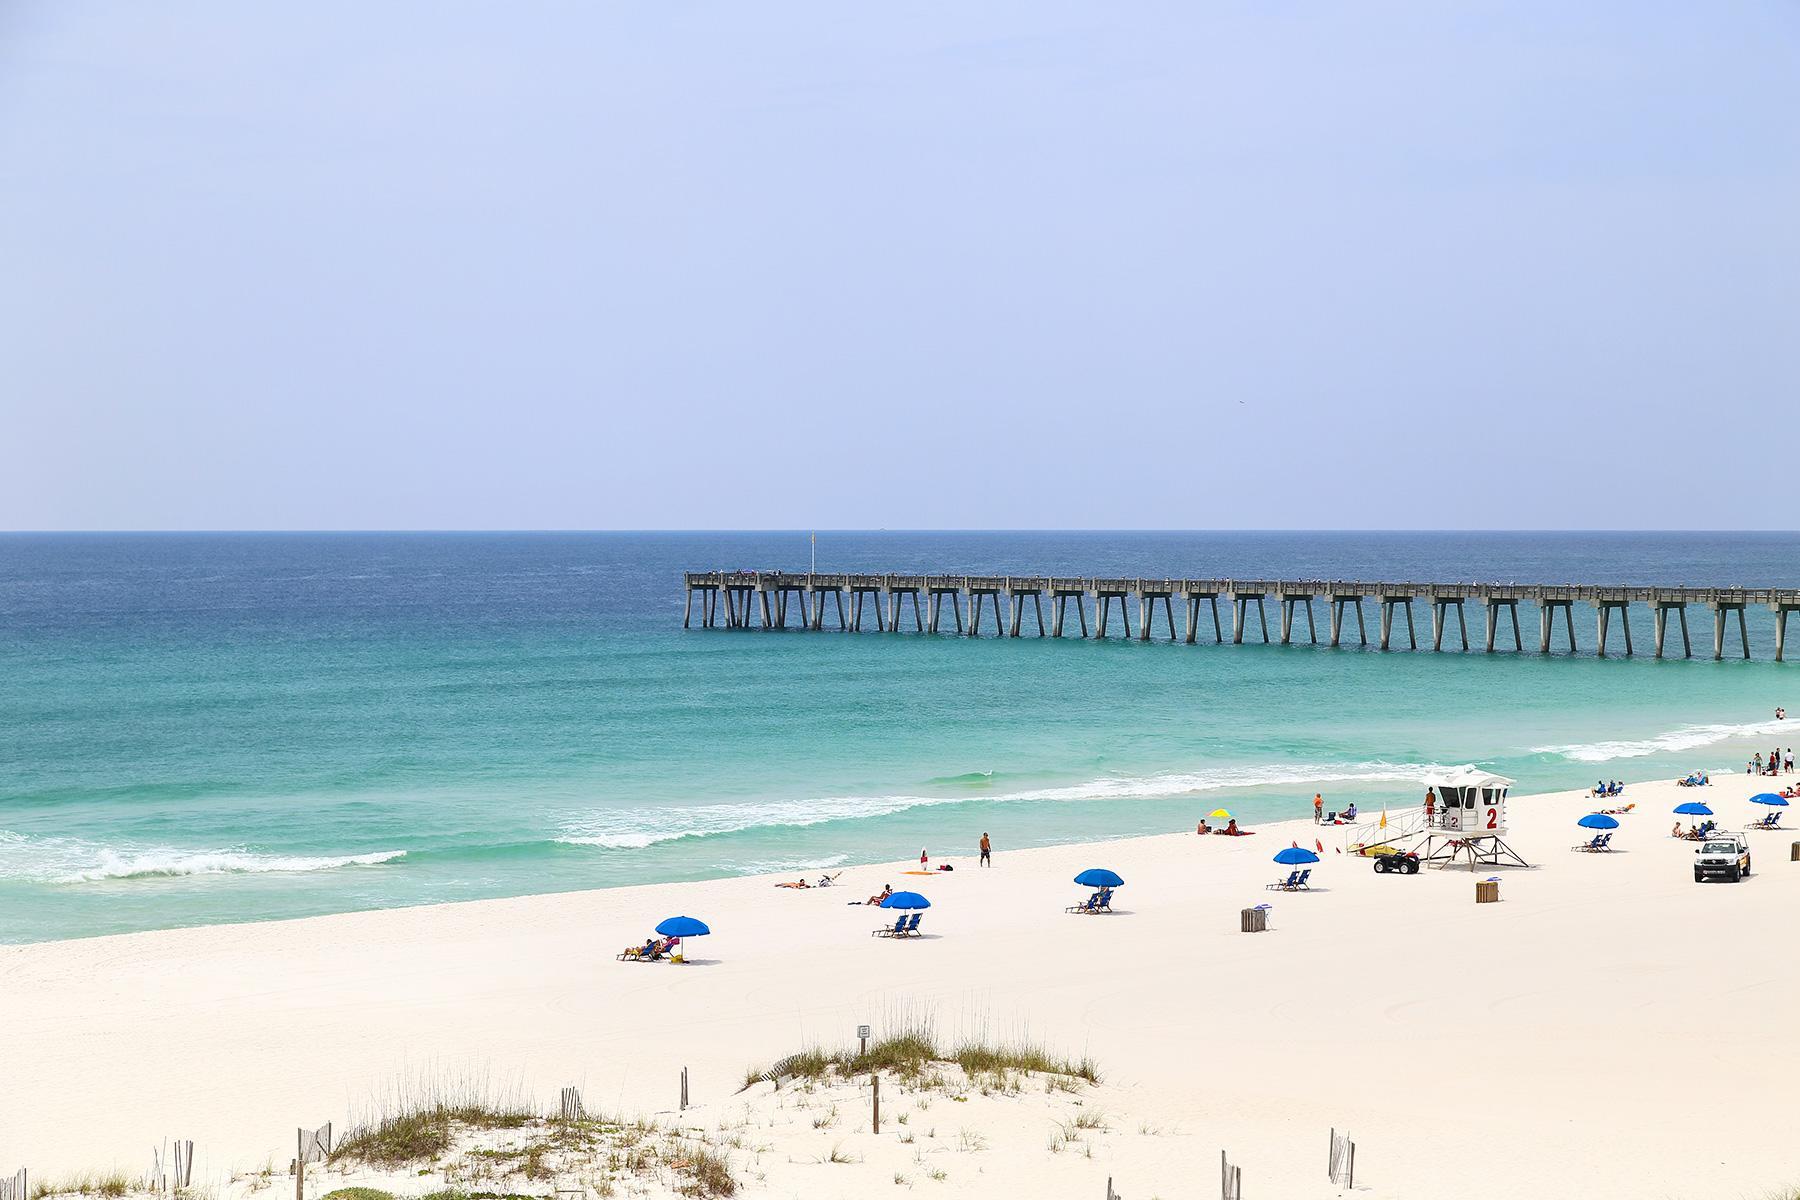 02_15BeachDestinationsforWinterGetaway__Pensacola Beach, Florida_shutterstock_442533052